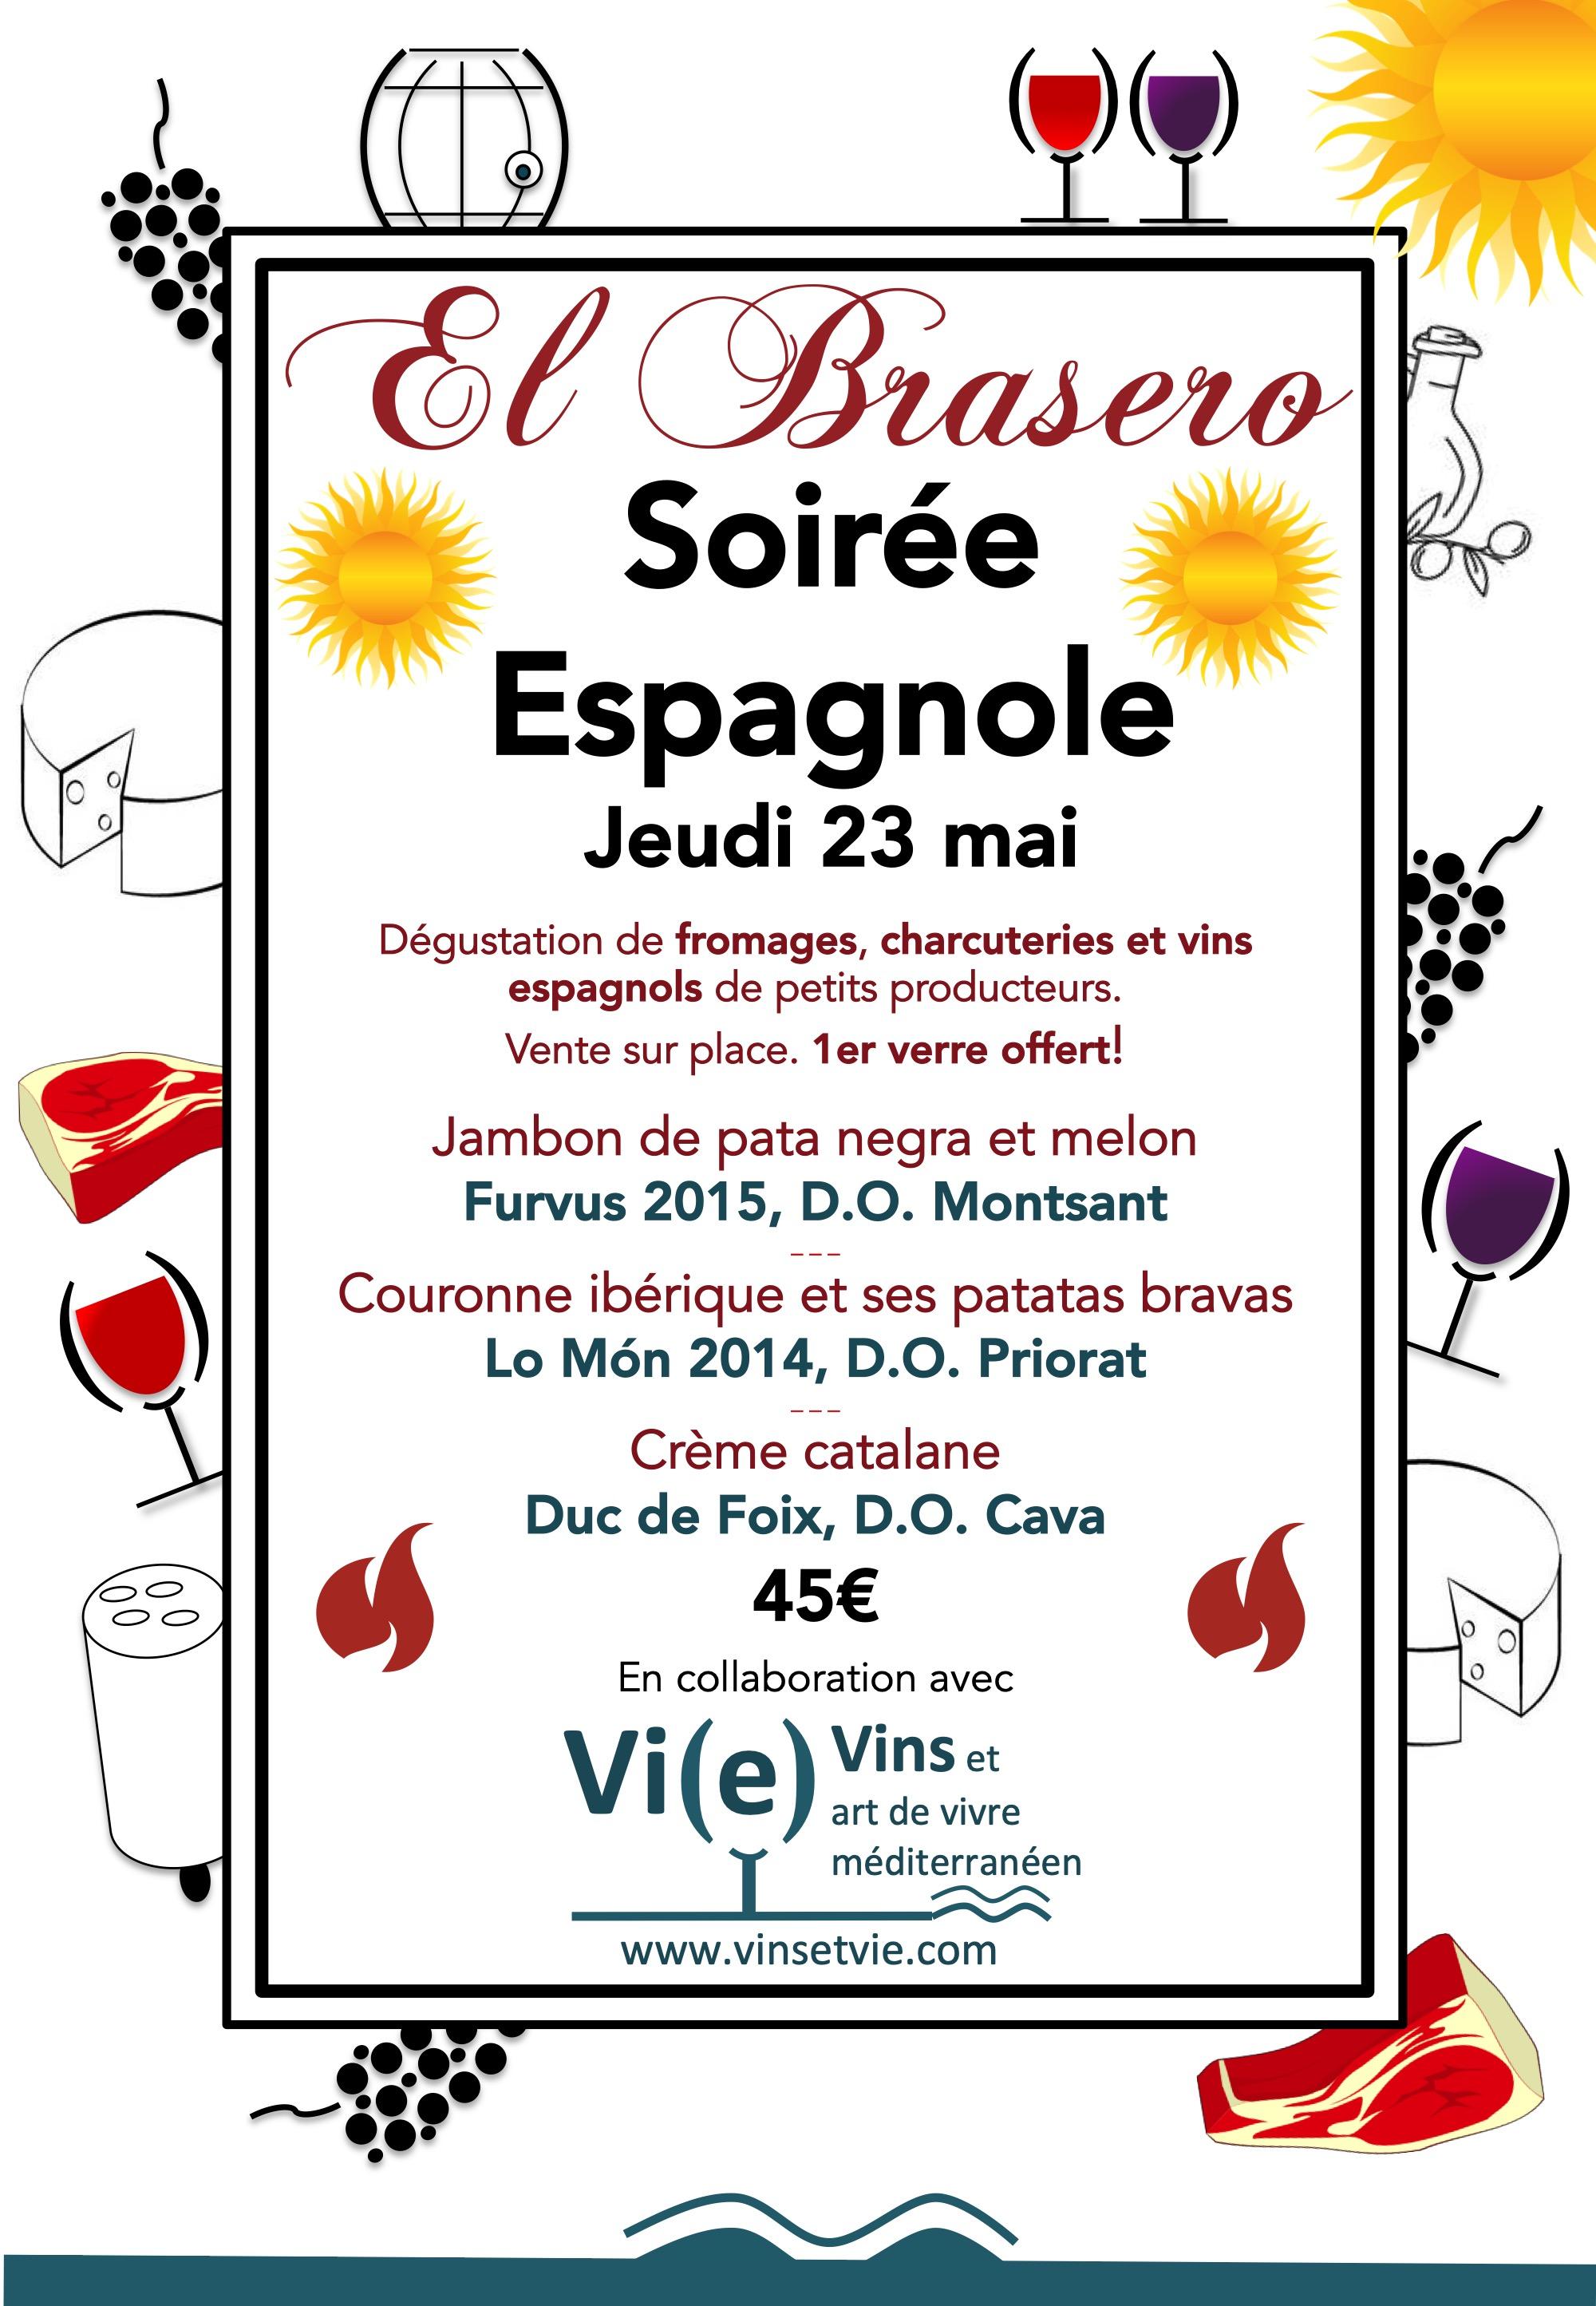 soiree espagnole_vi(e)_brasero